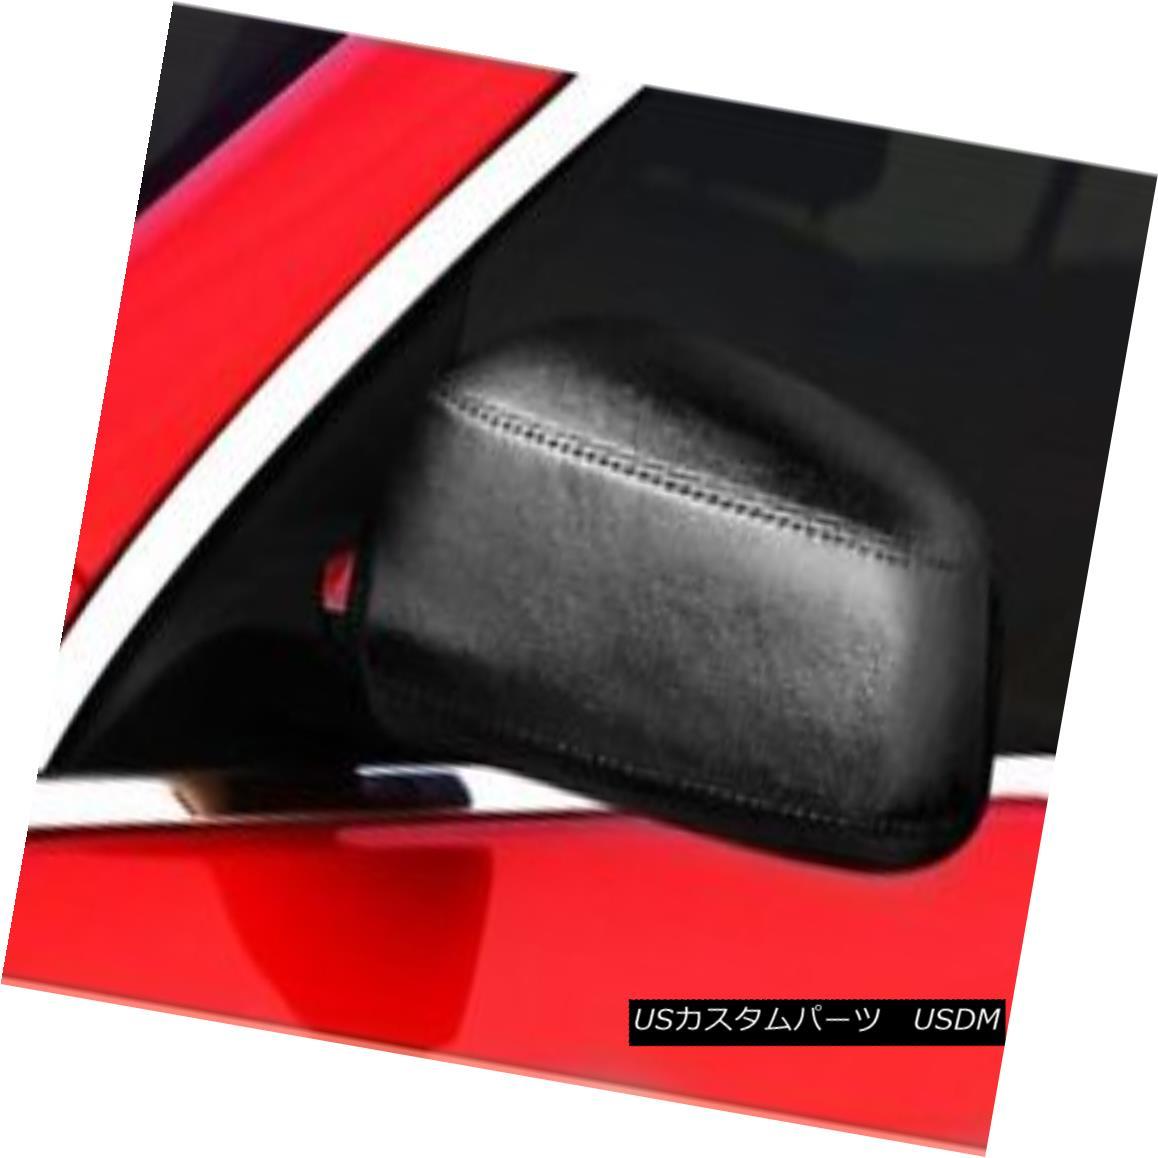 フルブラ ノーズブラ Colgan Car Mirror Covers Bra Protector Black Fits 2004 MAZDA Speed Colgan Car Mirrors Coversブラジャープロテクターブラックフィット2004 MAZDA Speed